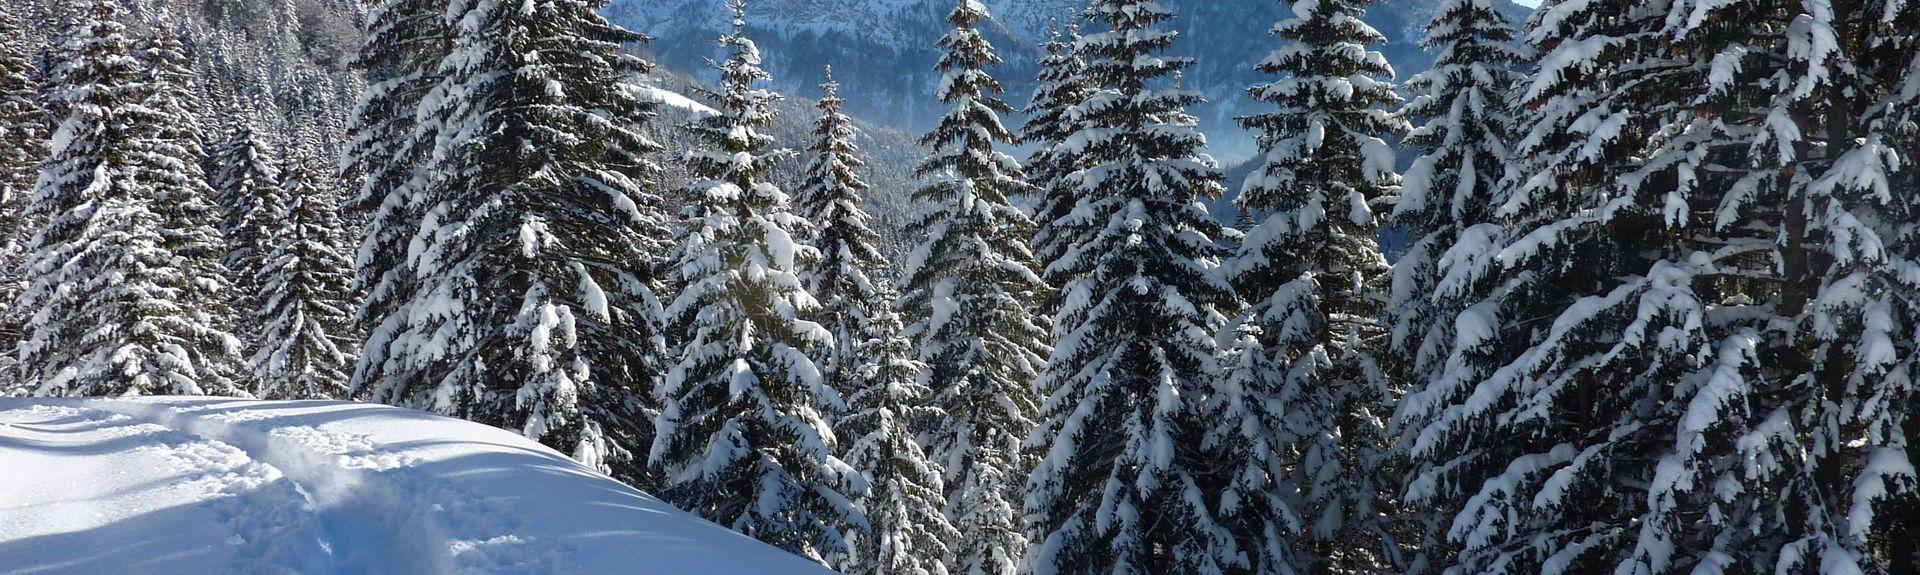 District de Kufstein, Tyrol, Autriche